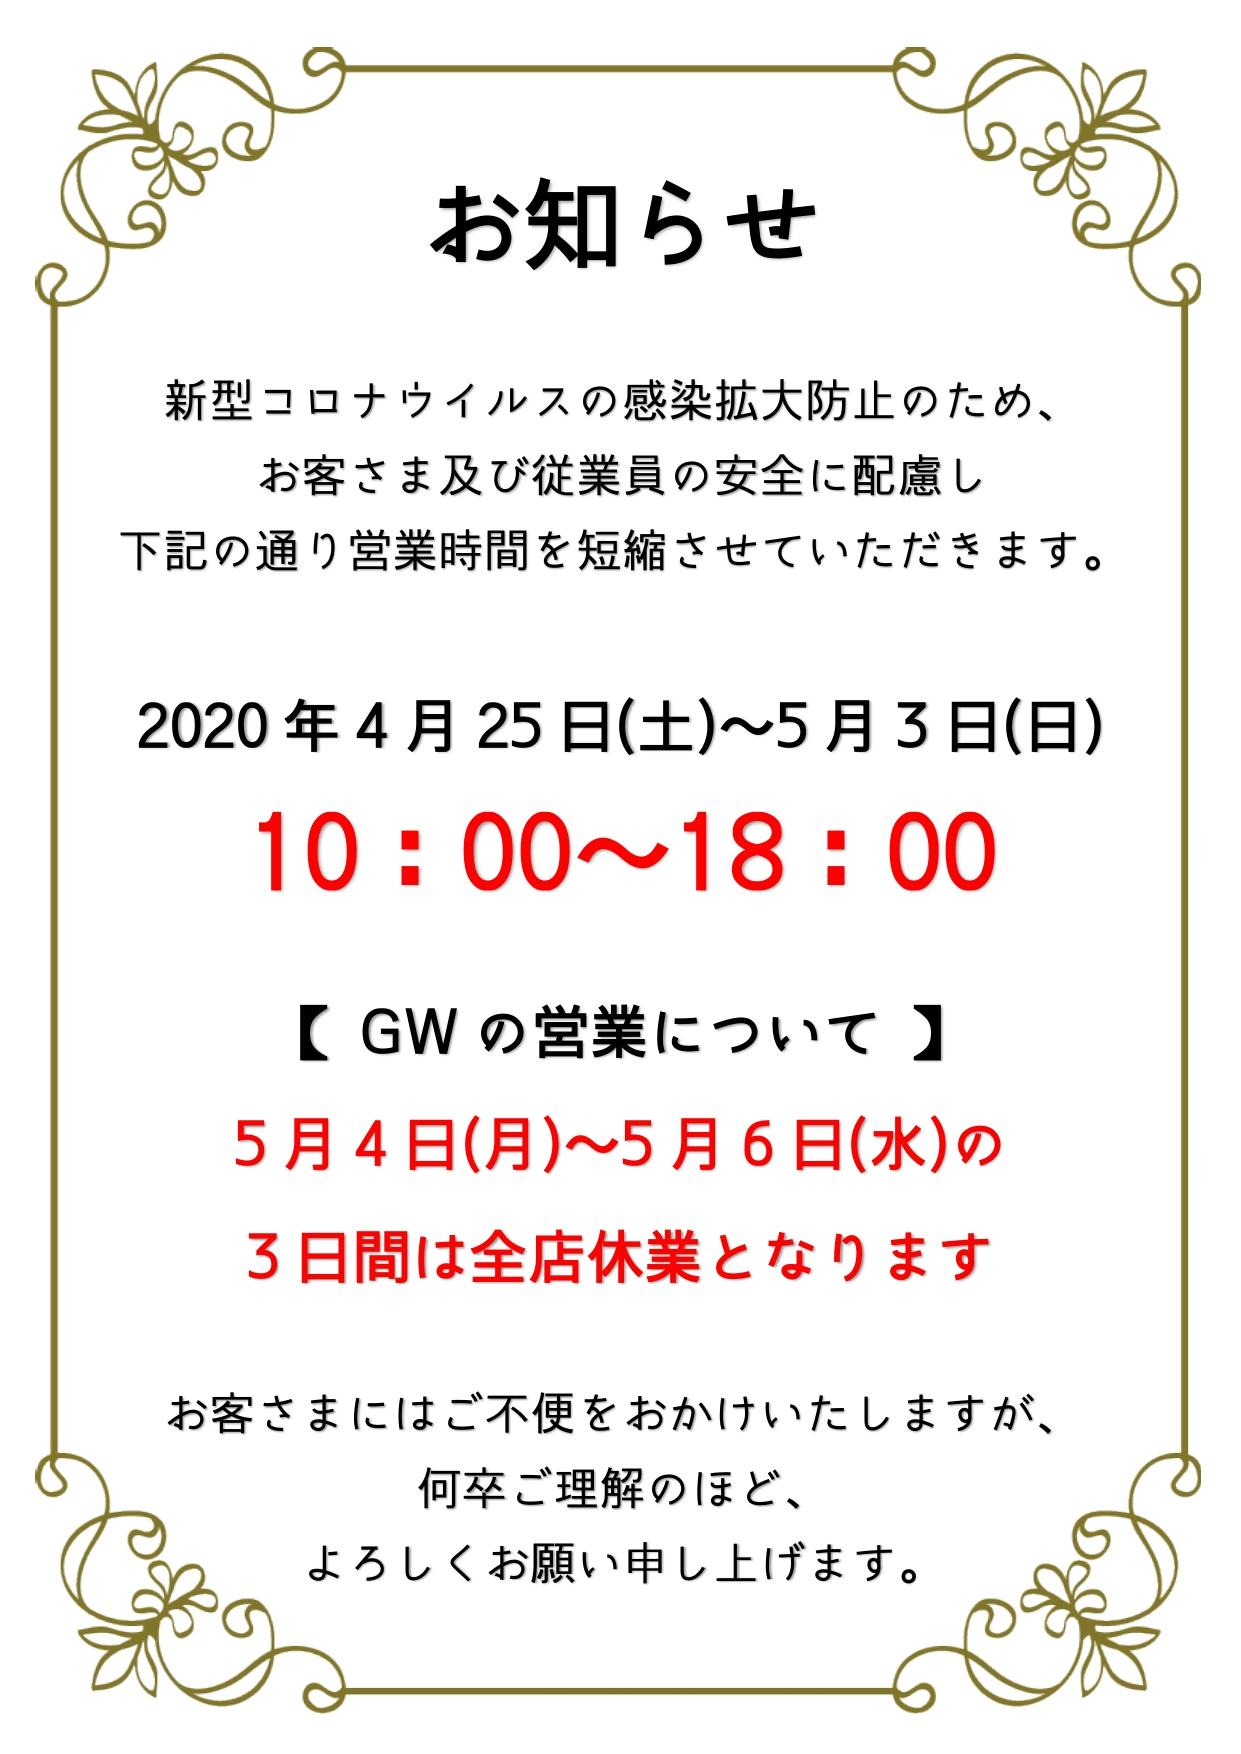 時間短縮&GWお知らせ